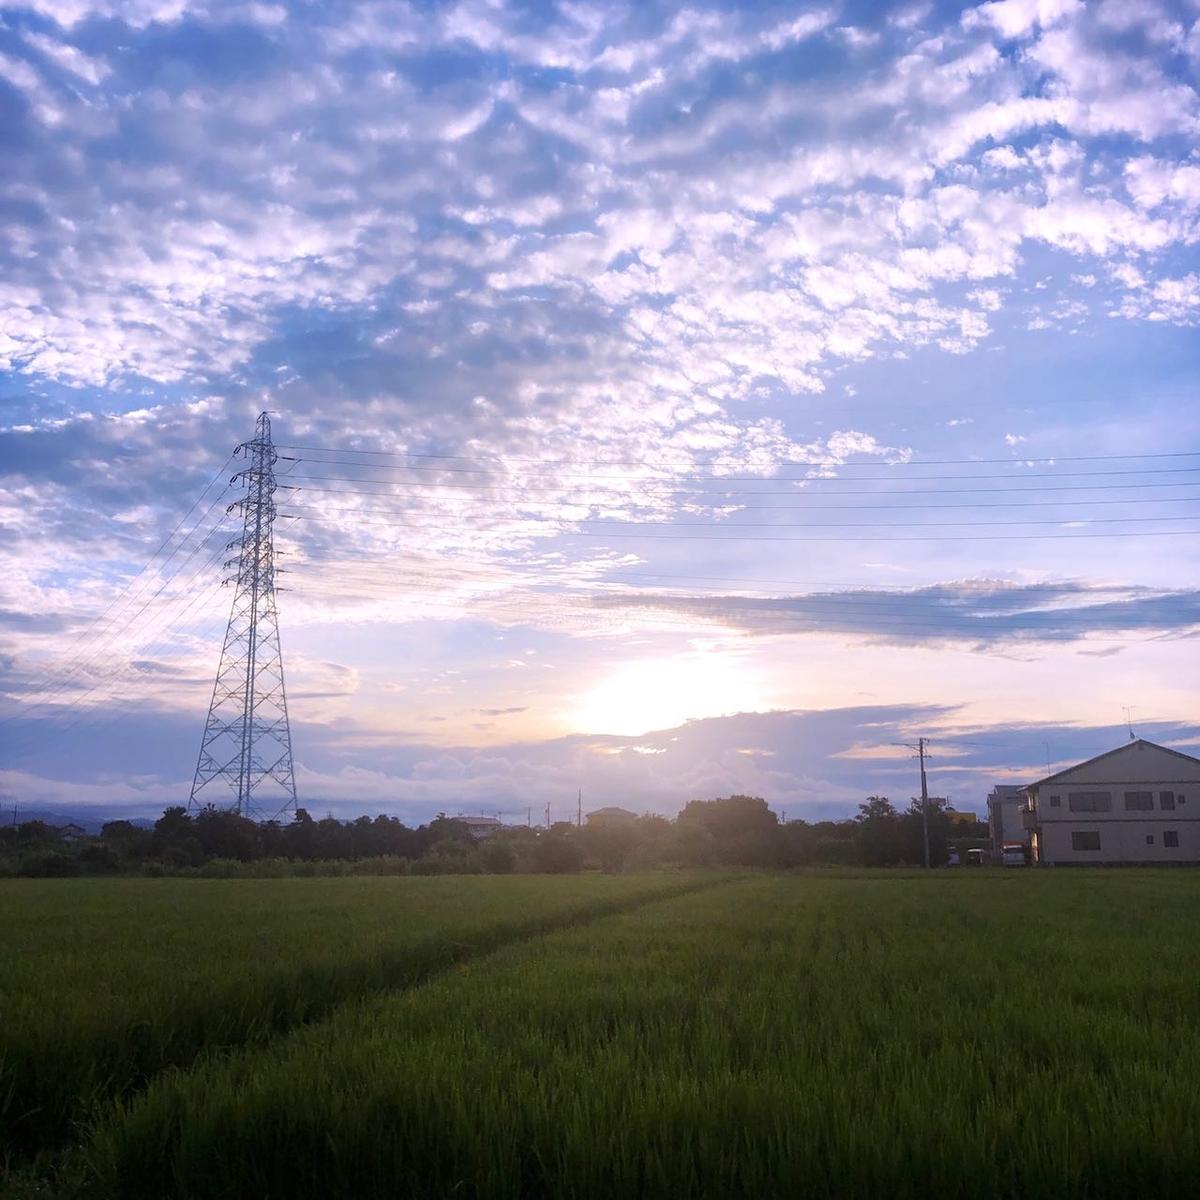 f:id:mick_kamihara:20210822054118j:plain